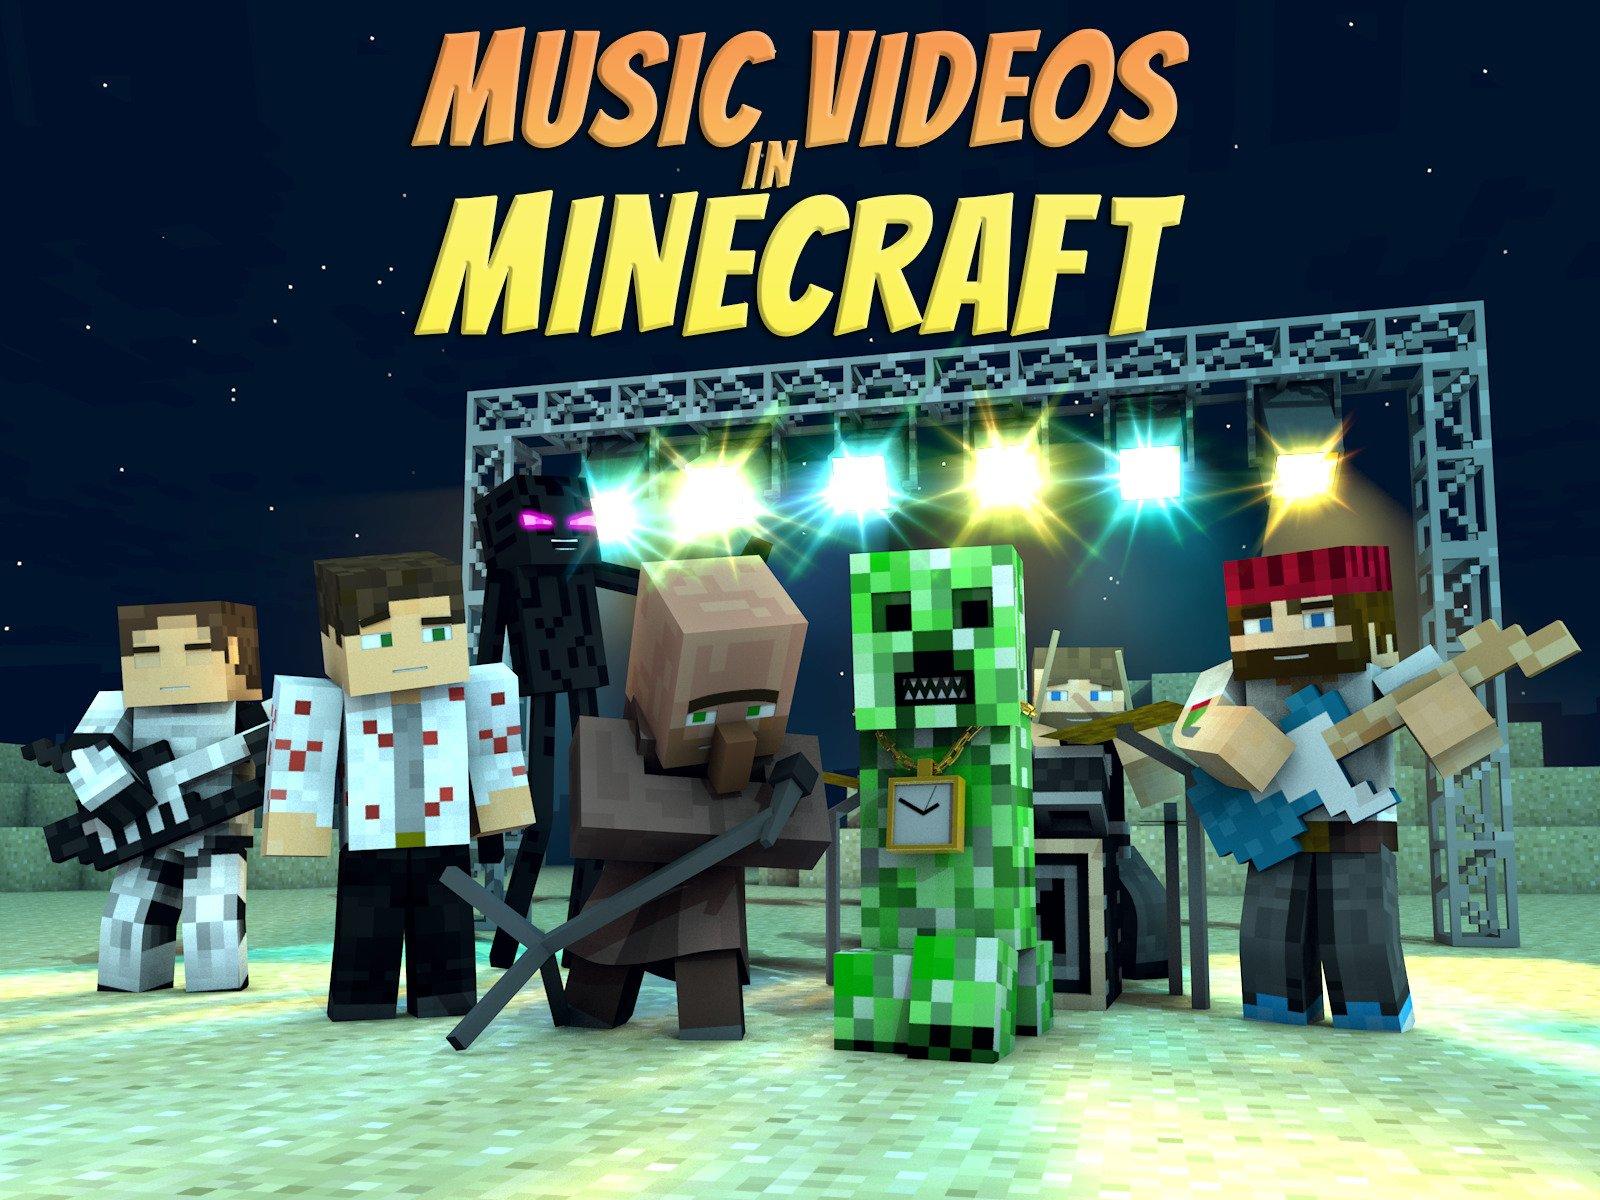 Watch Music Videos in Minecraft  Prime Video